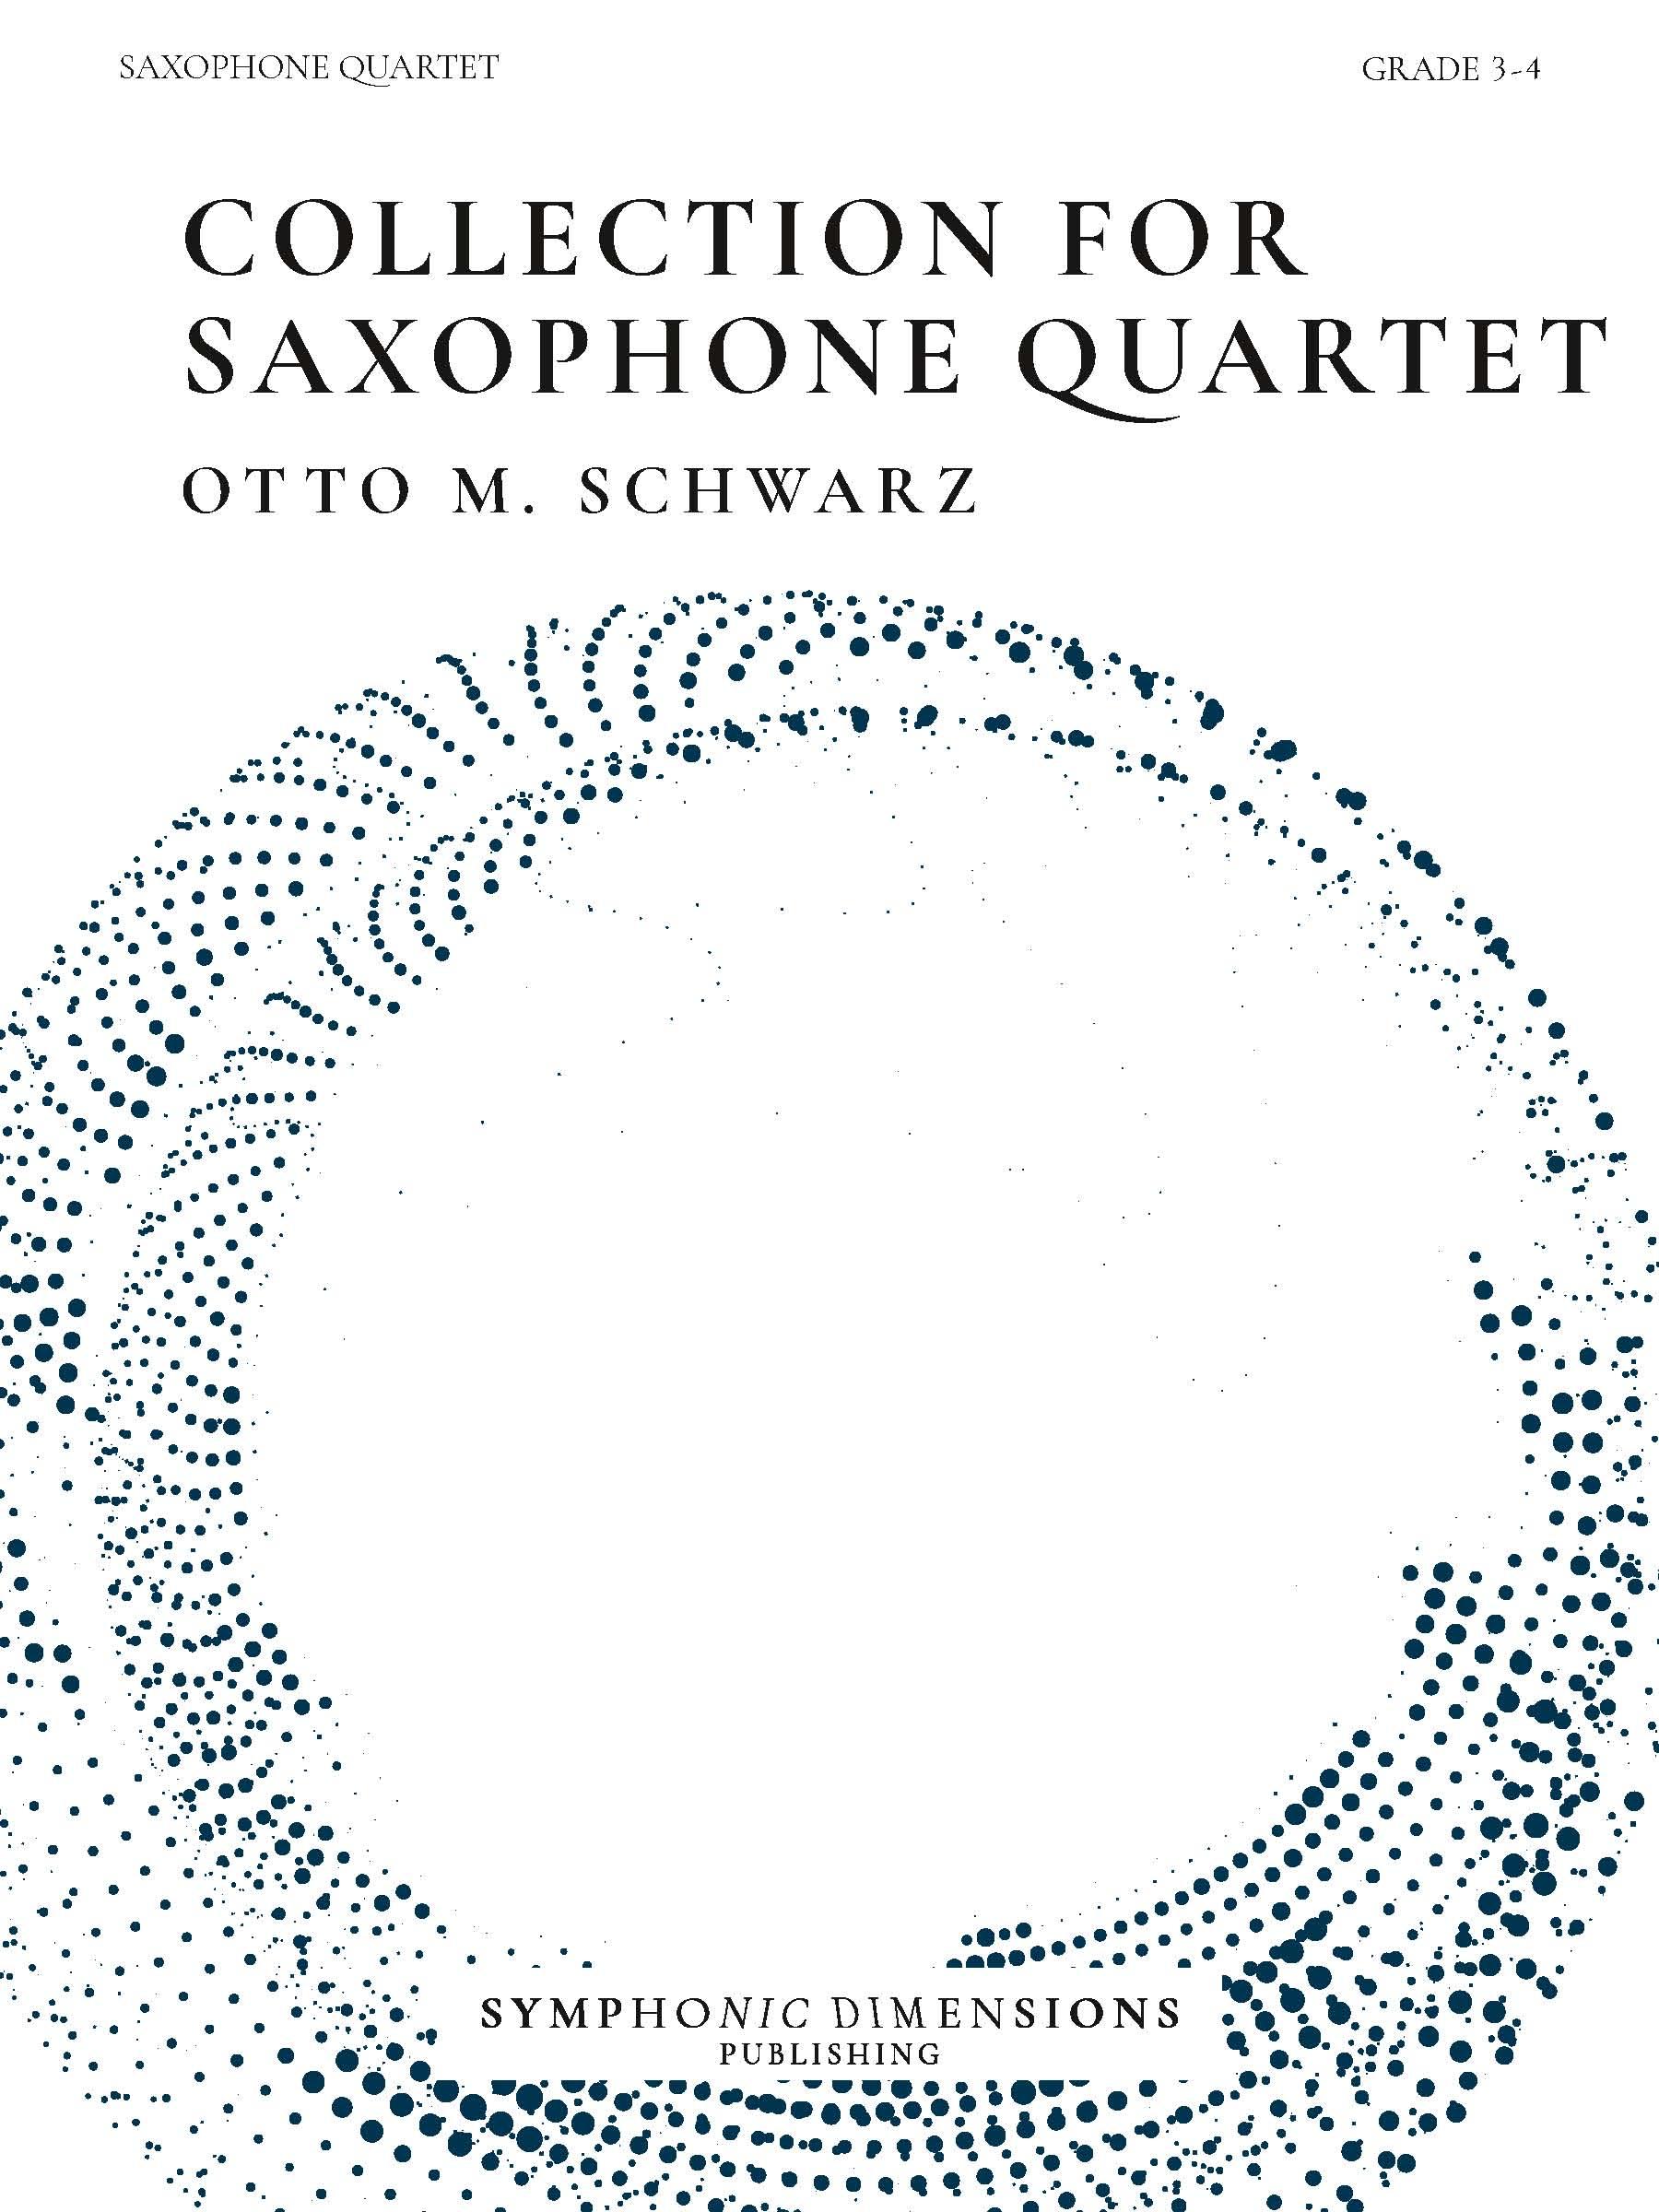 Otto M. Schwarz: Collection for Saxophone Quartet: Woodwind Ensemble: Score and